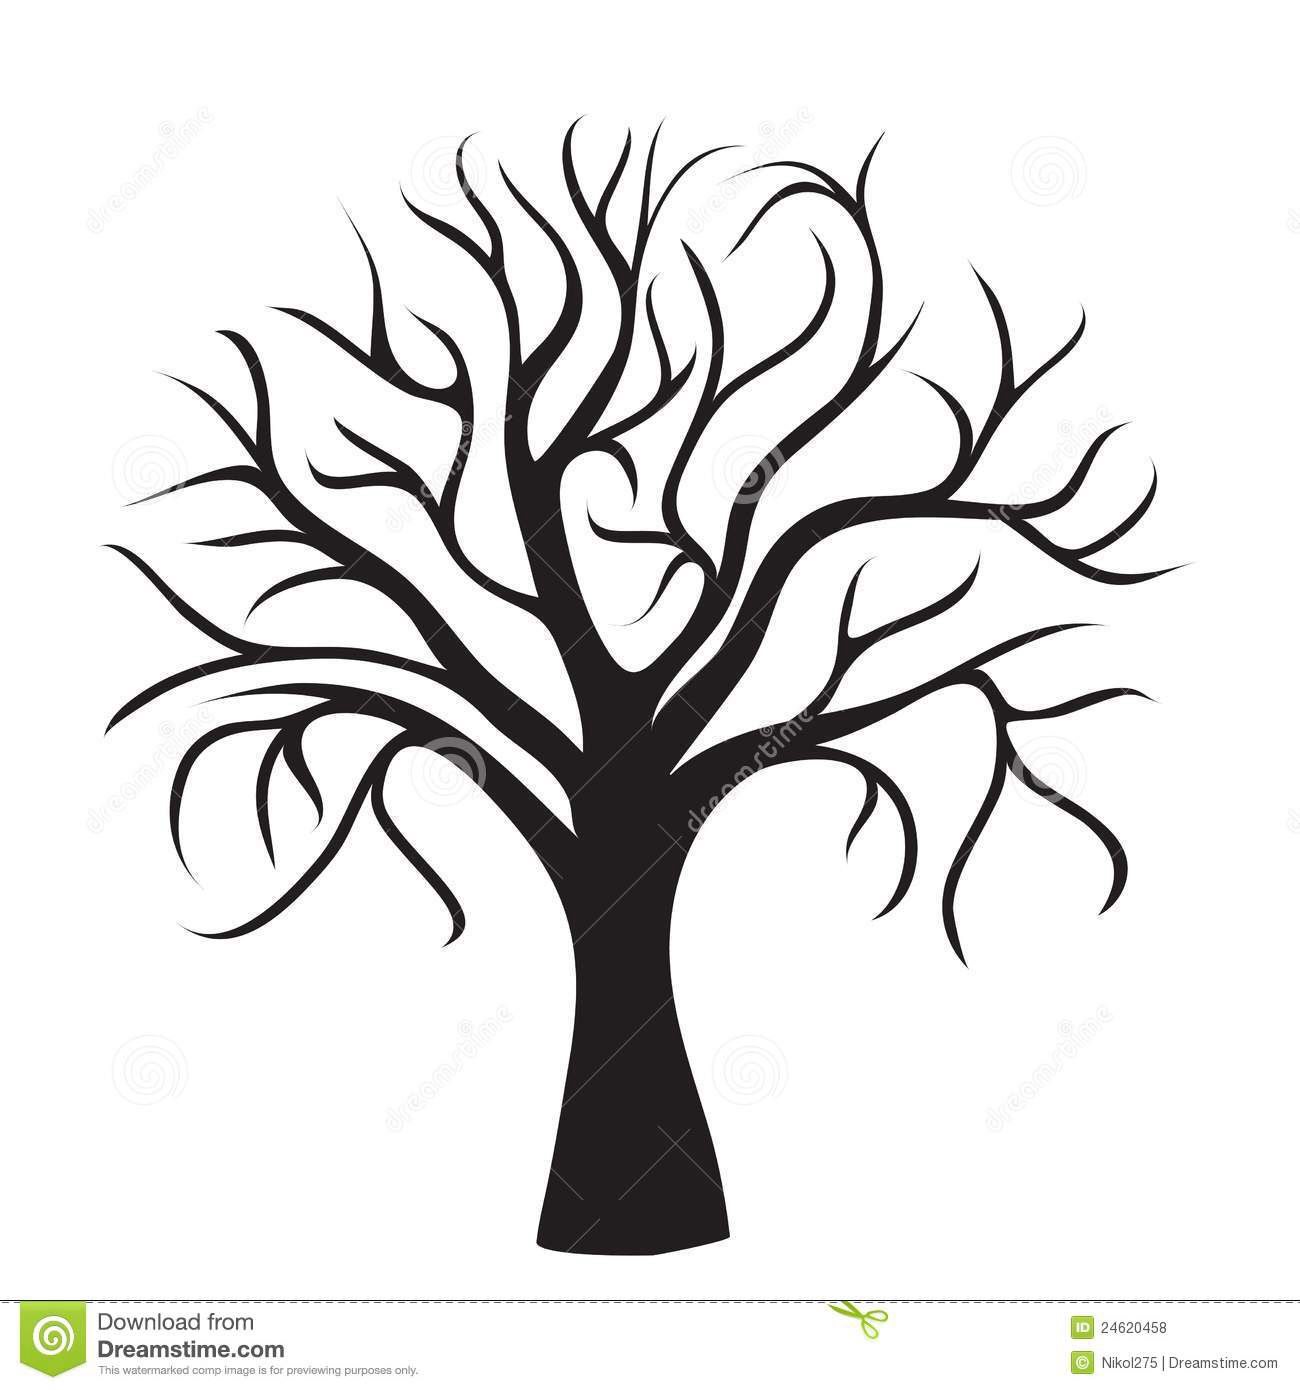 1300x1390 Tree No Branches Draw Designs Cricut, Silhouette